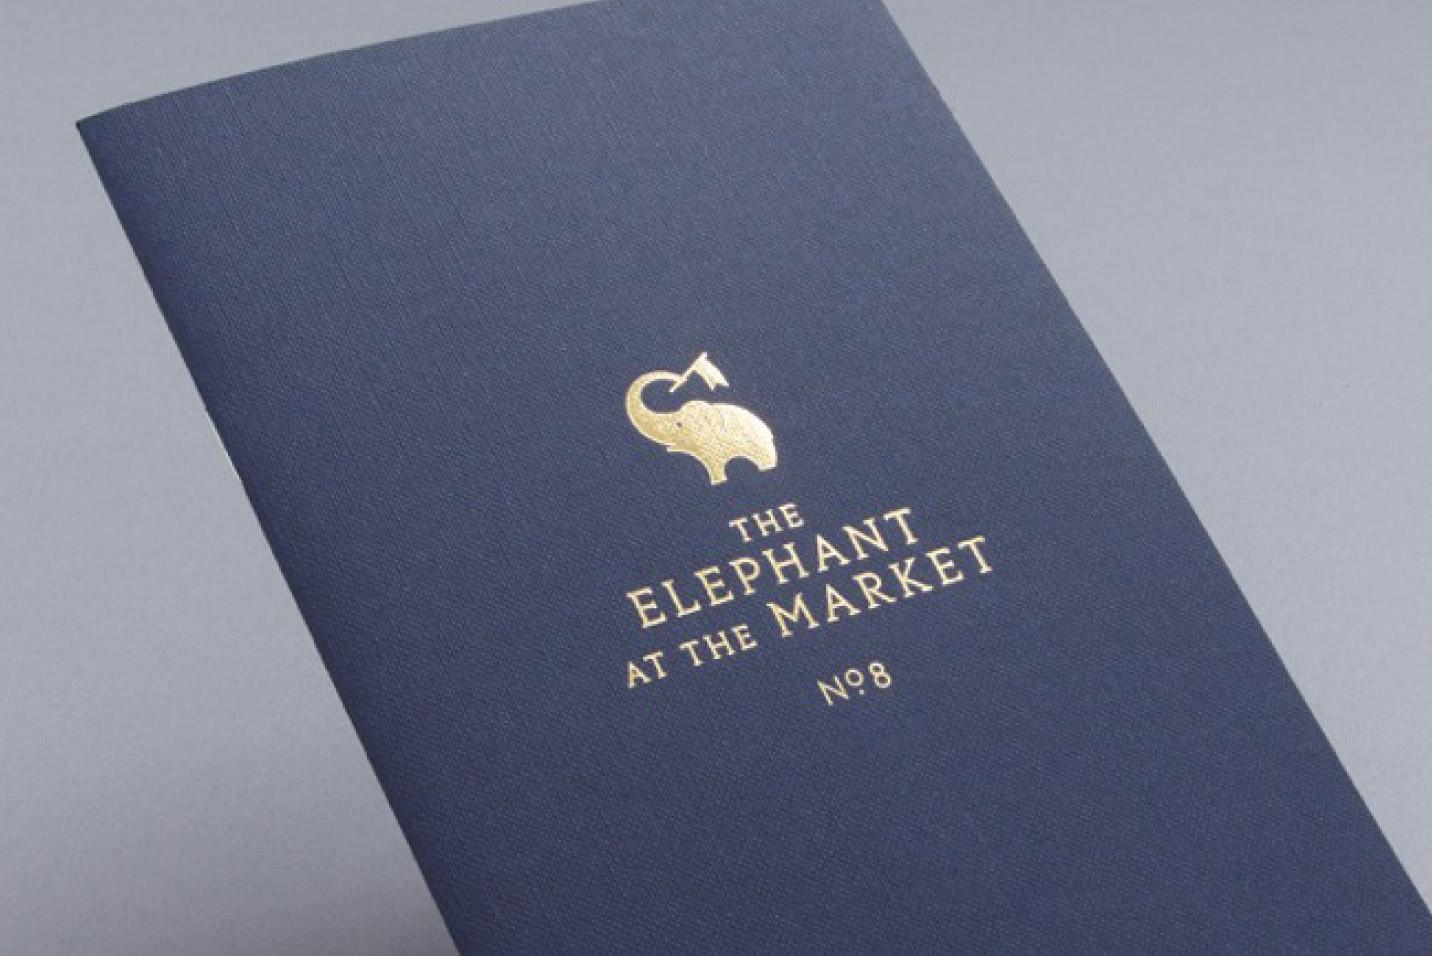 elephant-at-the-market-3